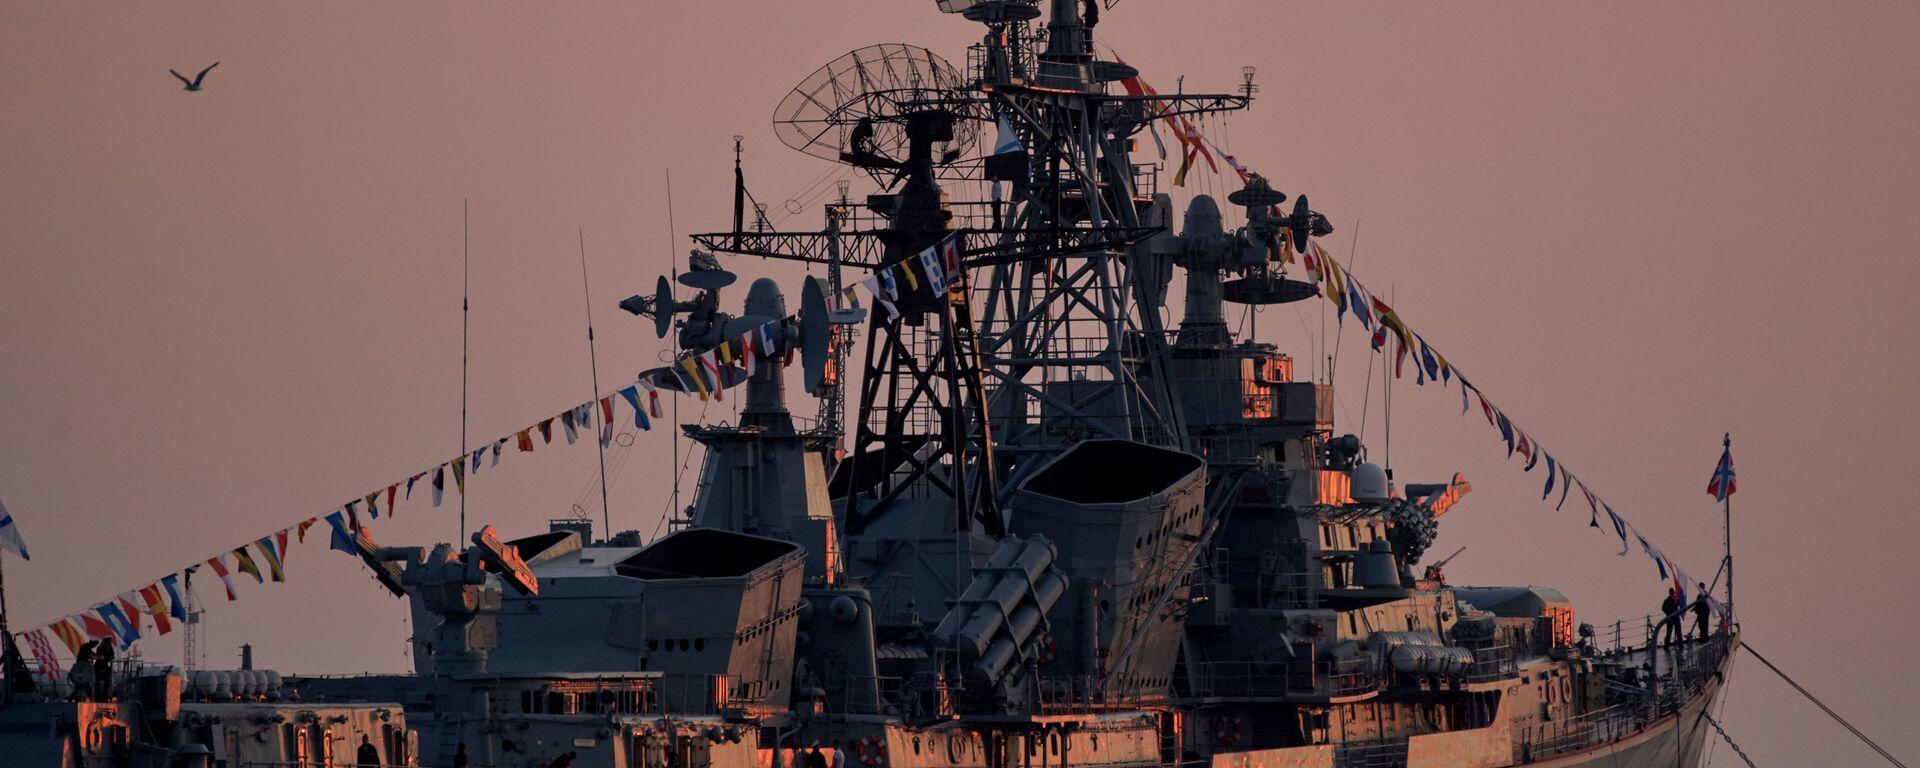 Nave da pattuglia Smetlivy nella baia di Sebastopoli - Sputnik Italia, 1920, 26.06.2021